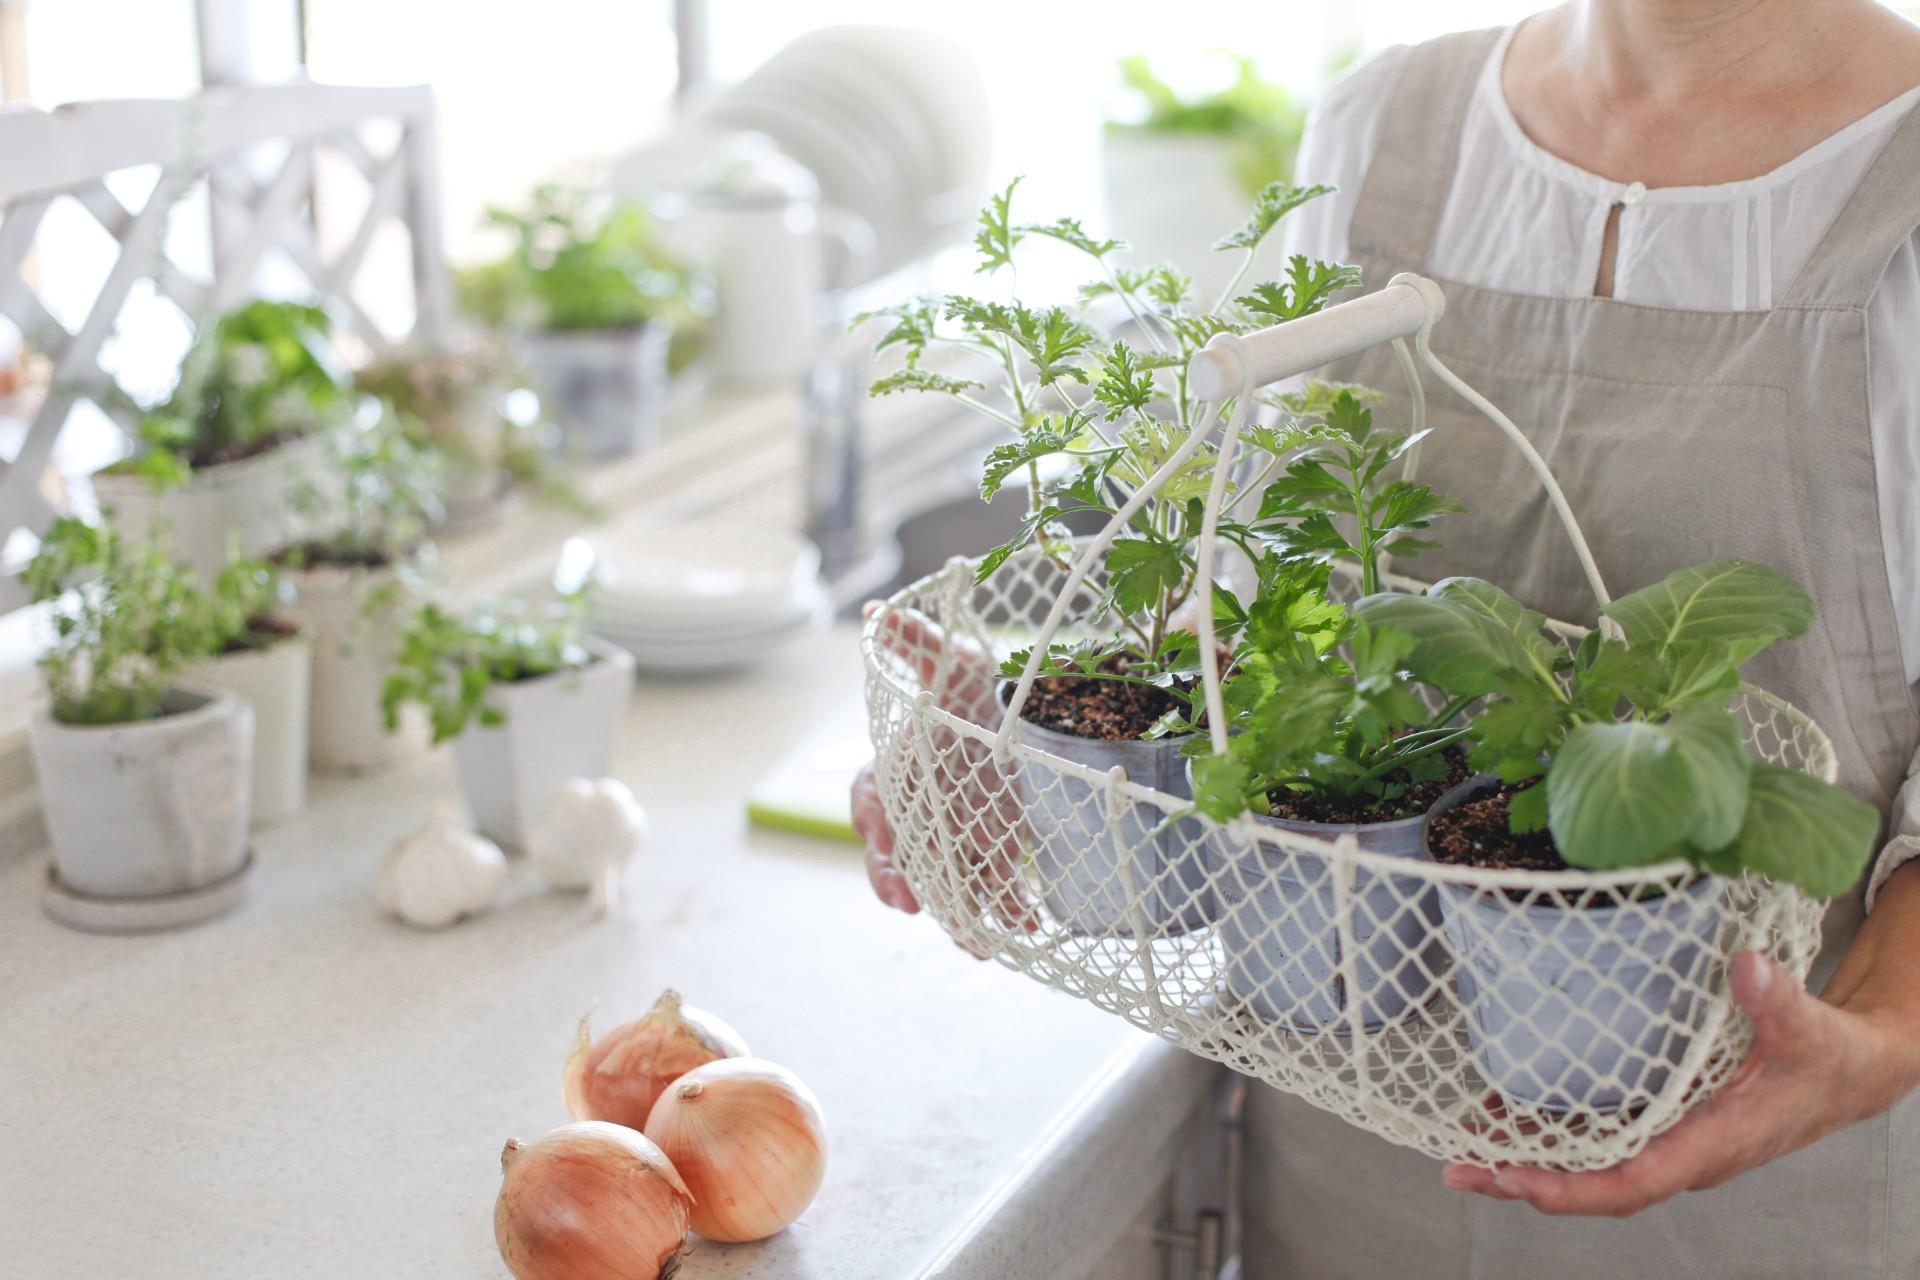 Gardener holding planters